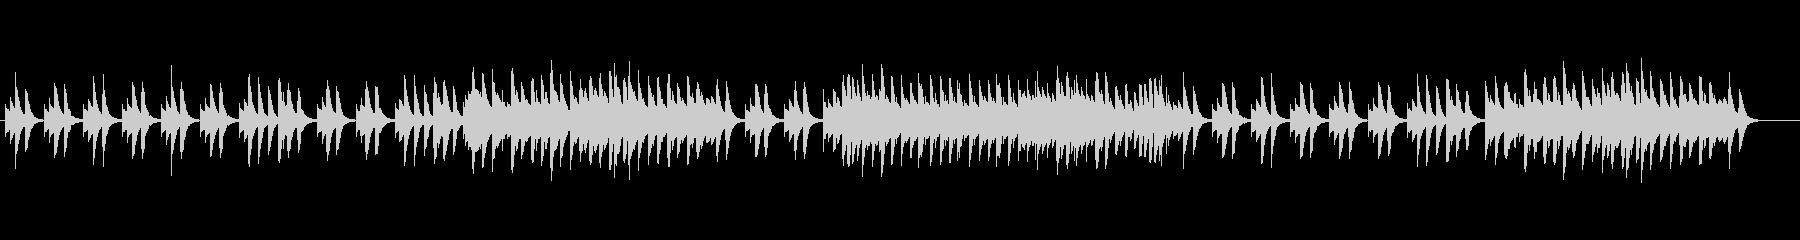 やさしくてリラックスできるオルゴール音楽の未再生の波形